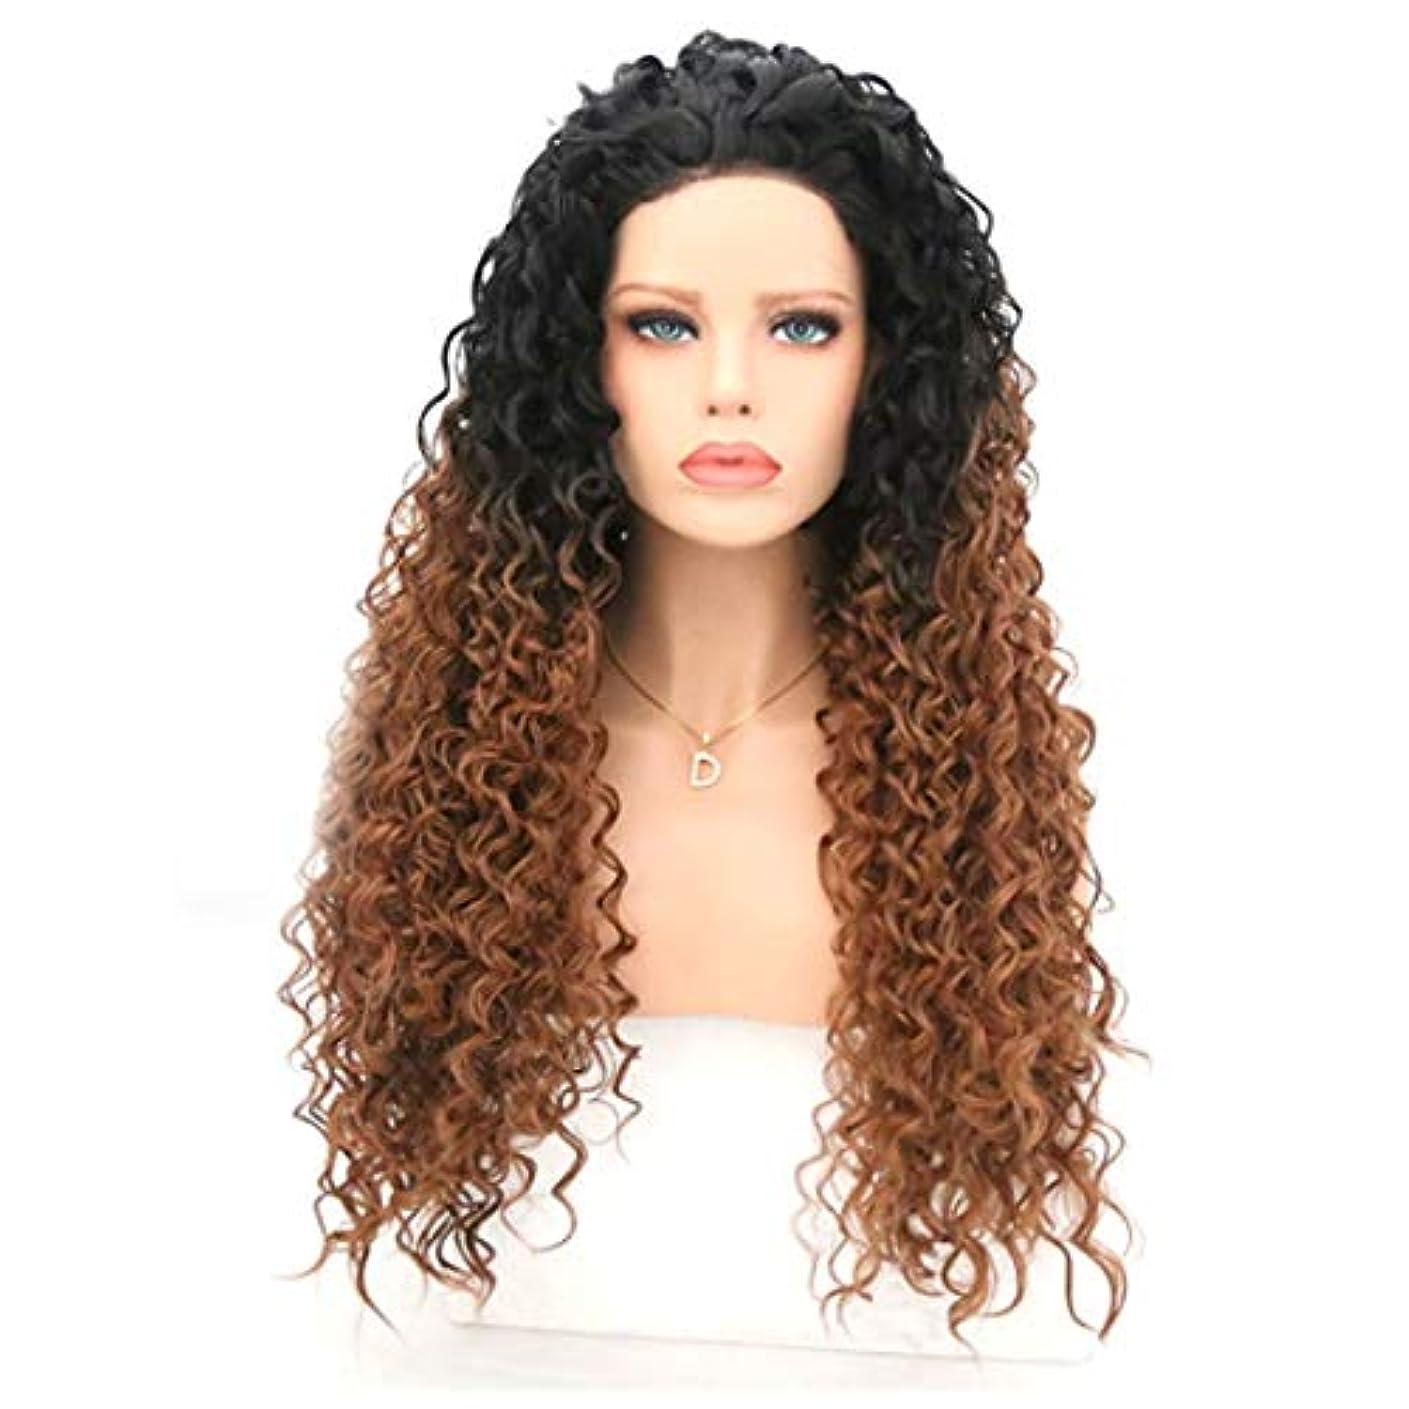 部分的サンダースフルーツ野菜Kerwinner 波状の巻き毛のかつら女性のための耐熱性巻き毛のかつら (Size : 20 inches)